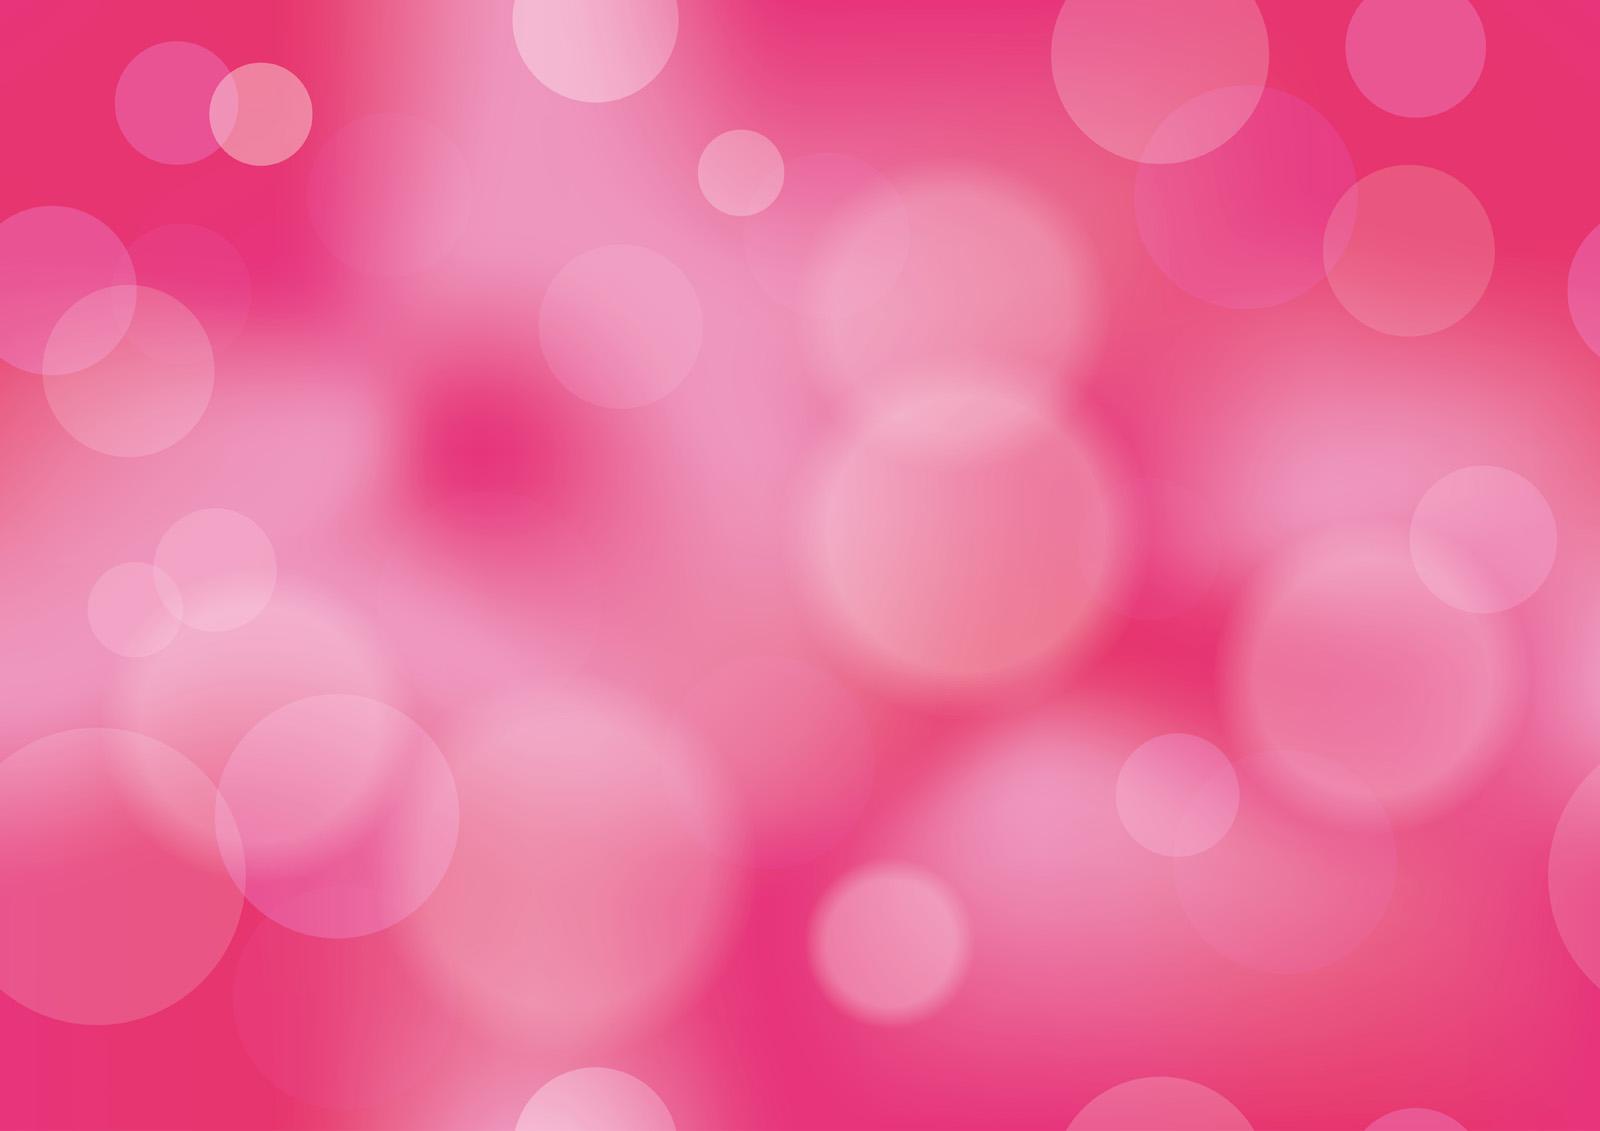 粉紅背景 免費下載 | 天天瘋後製